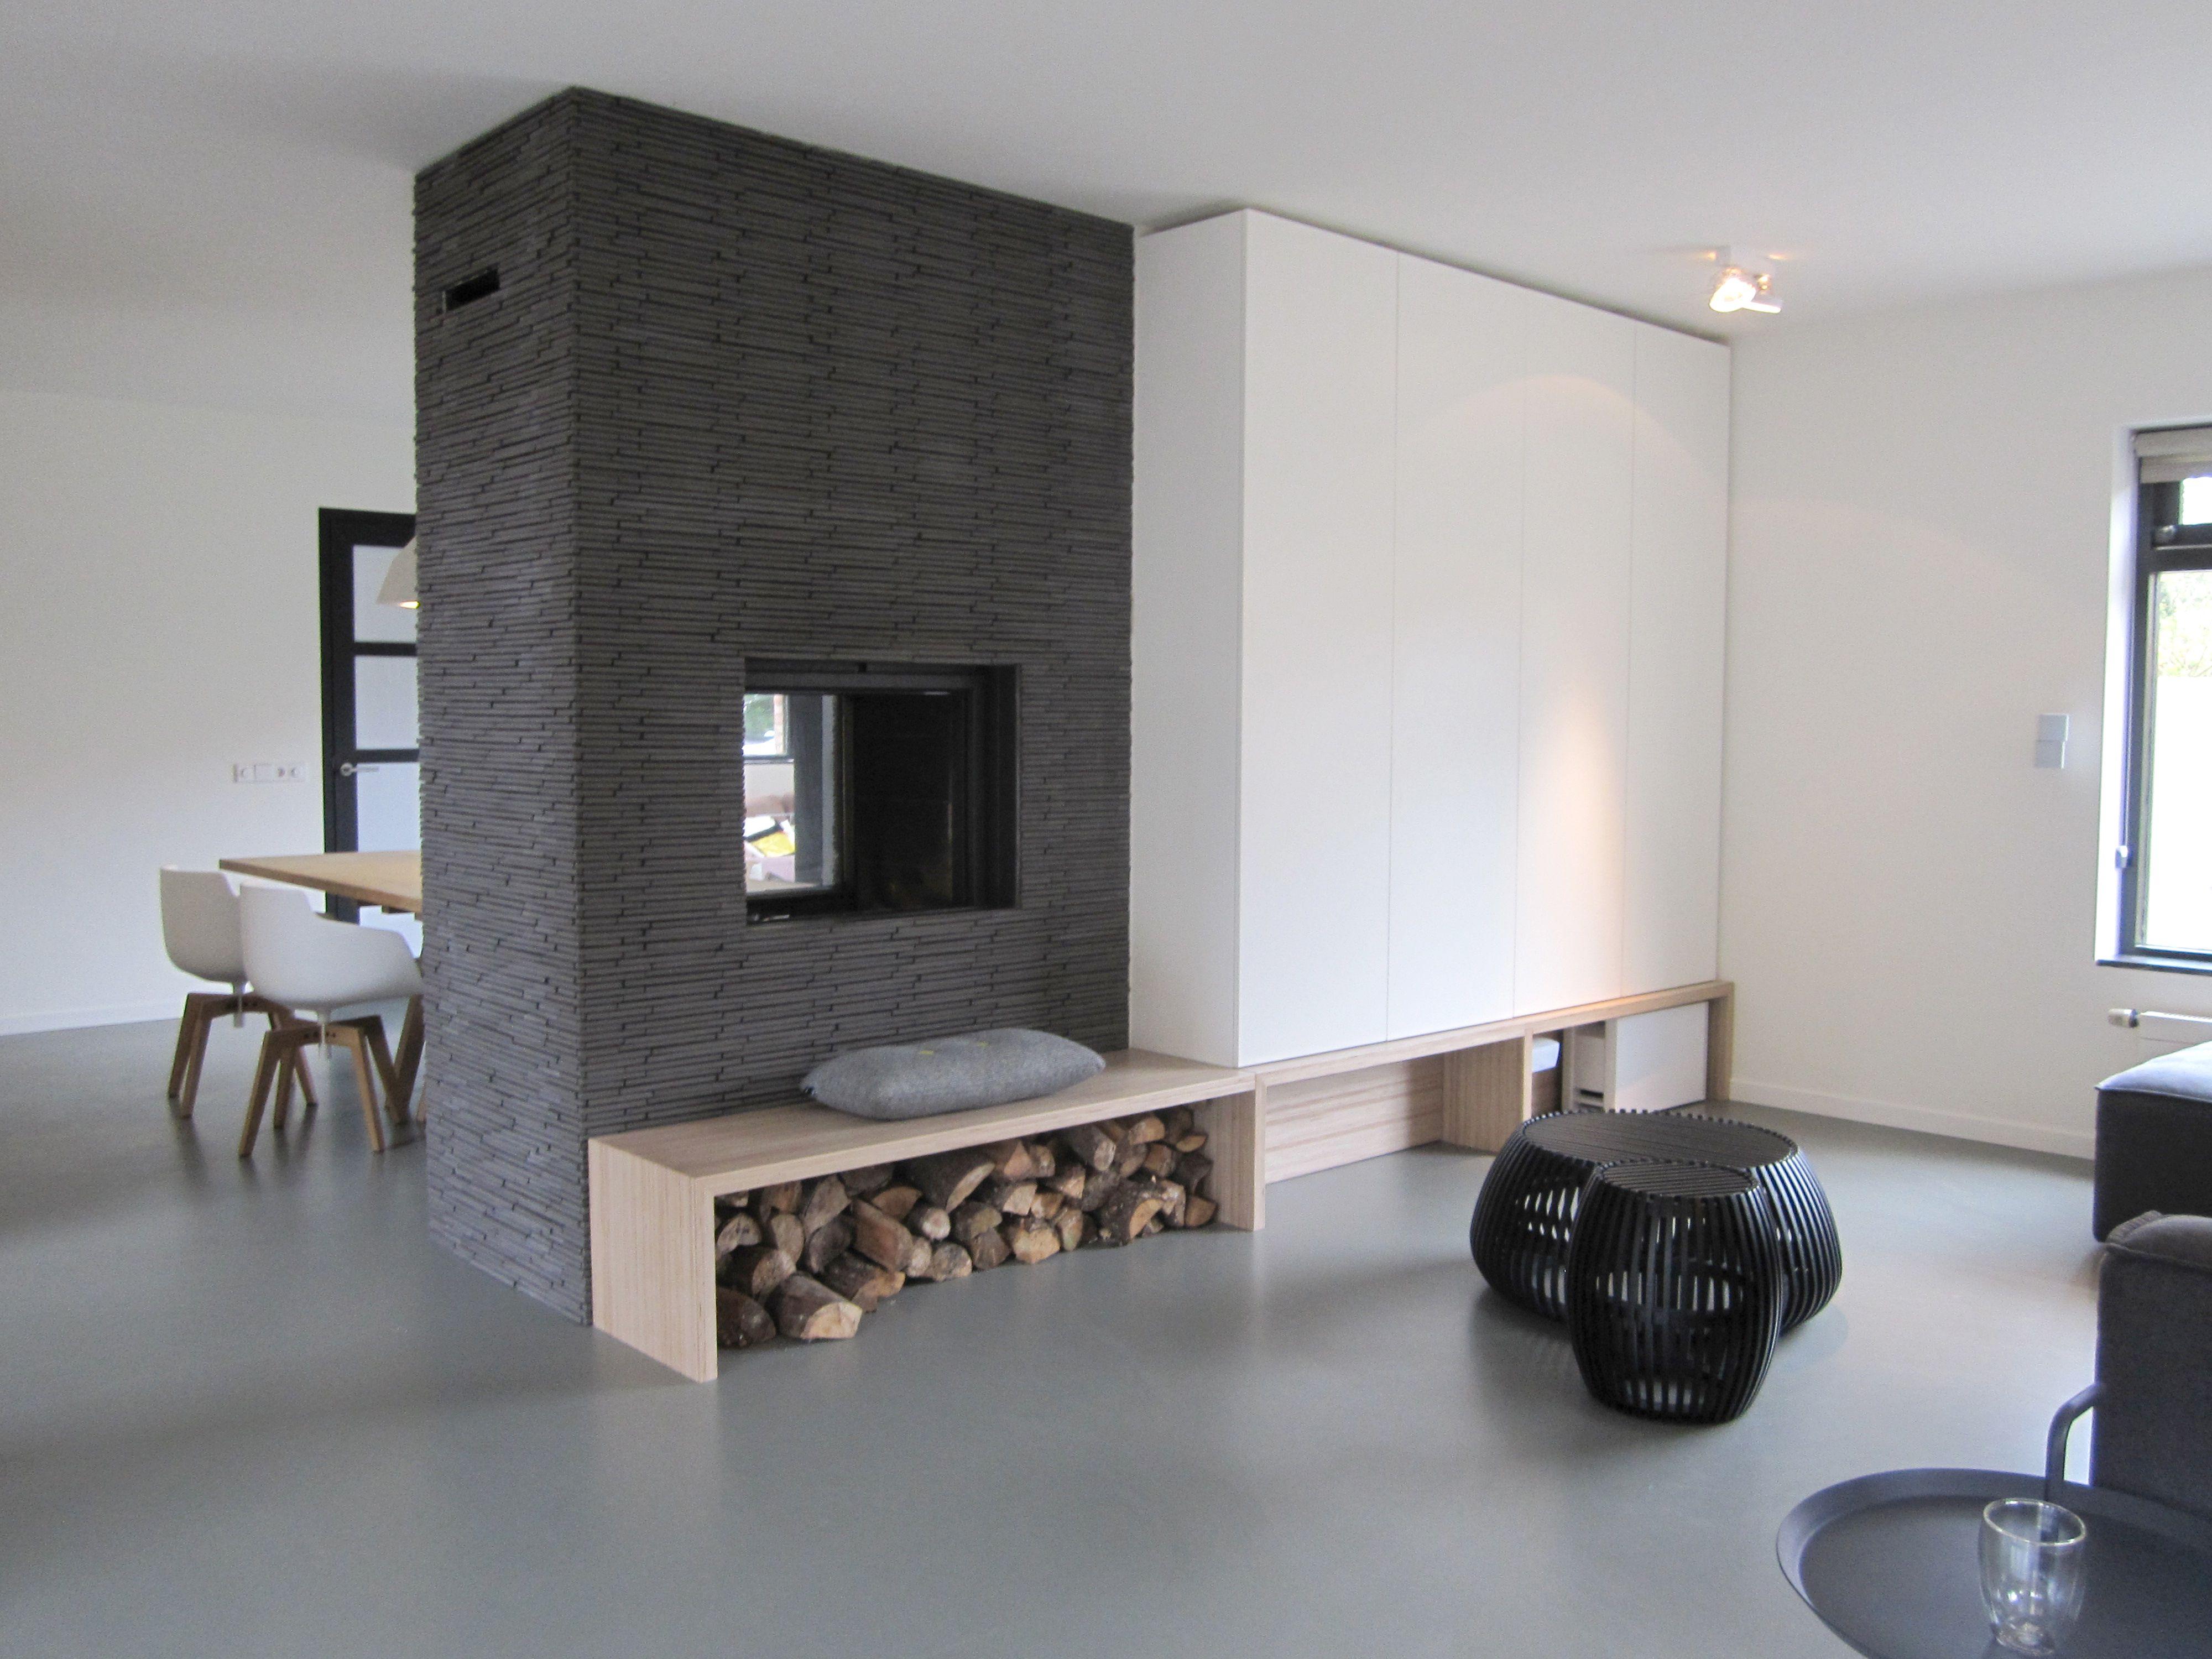 Keuken Met Trap : Studio ei ontwerp woning heemstede. interieurontwerp en